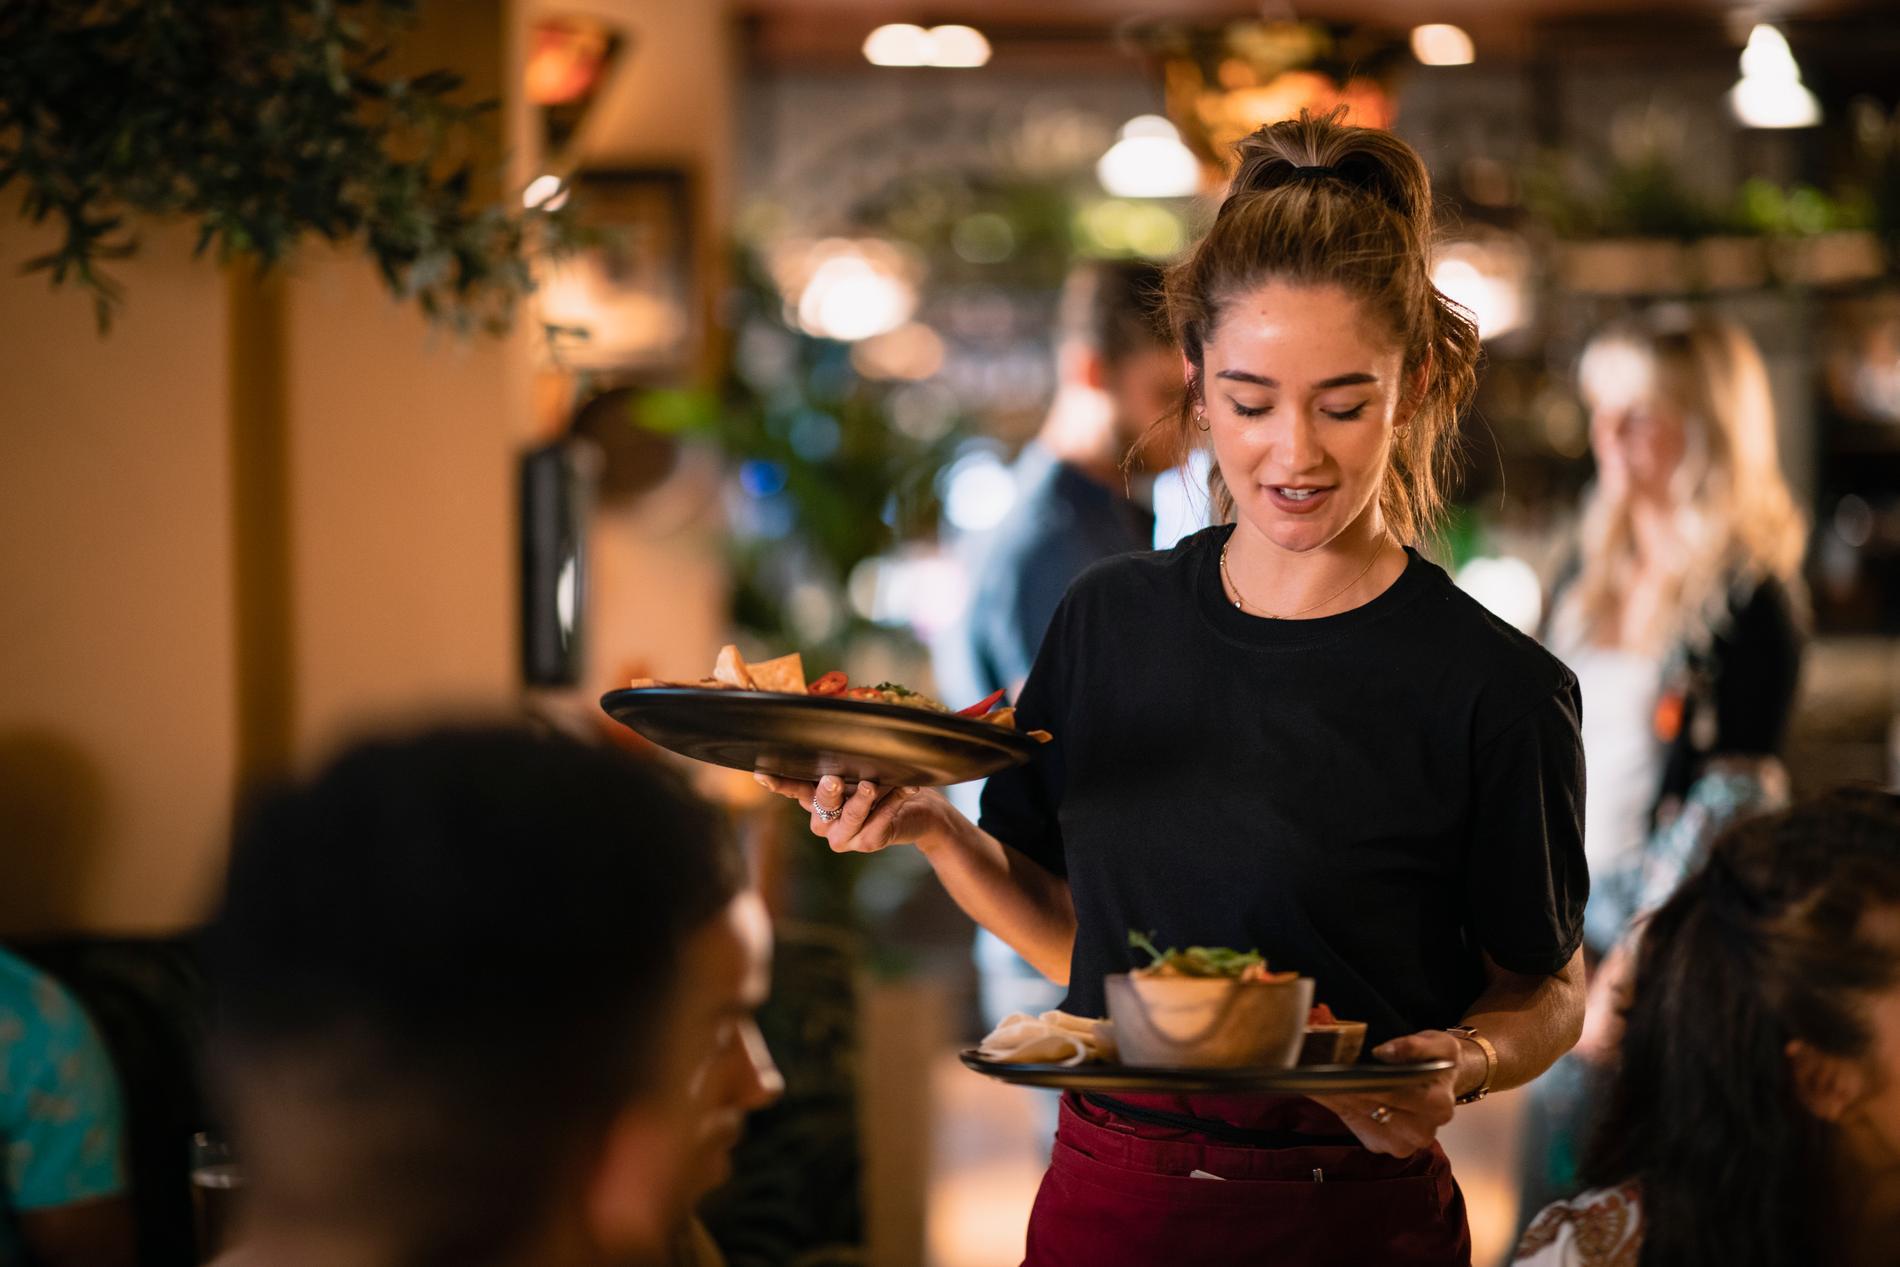 Medellönen för en servitris eller servitör 19.077 kronor i månaden.